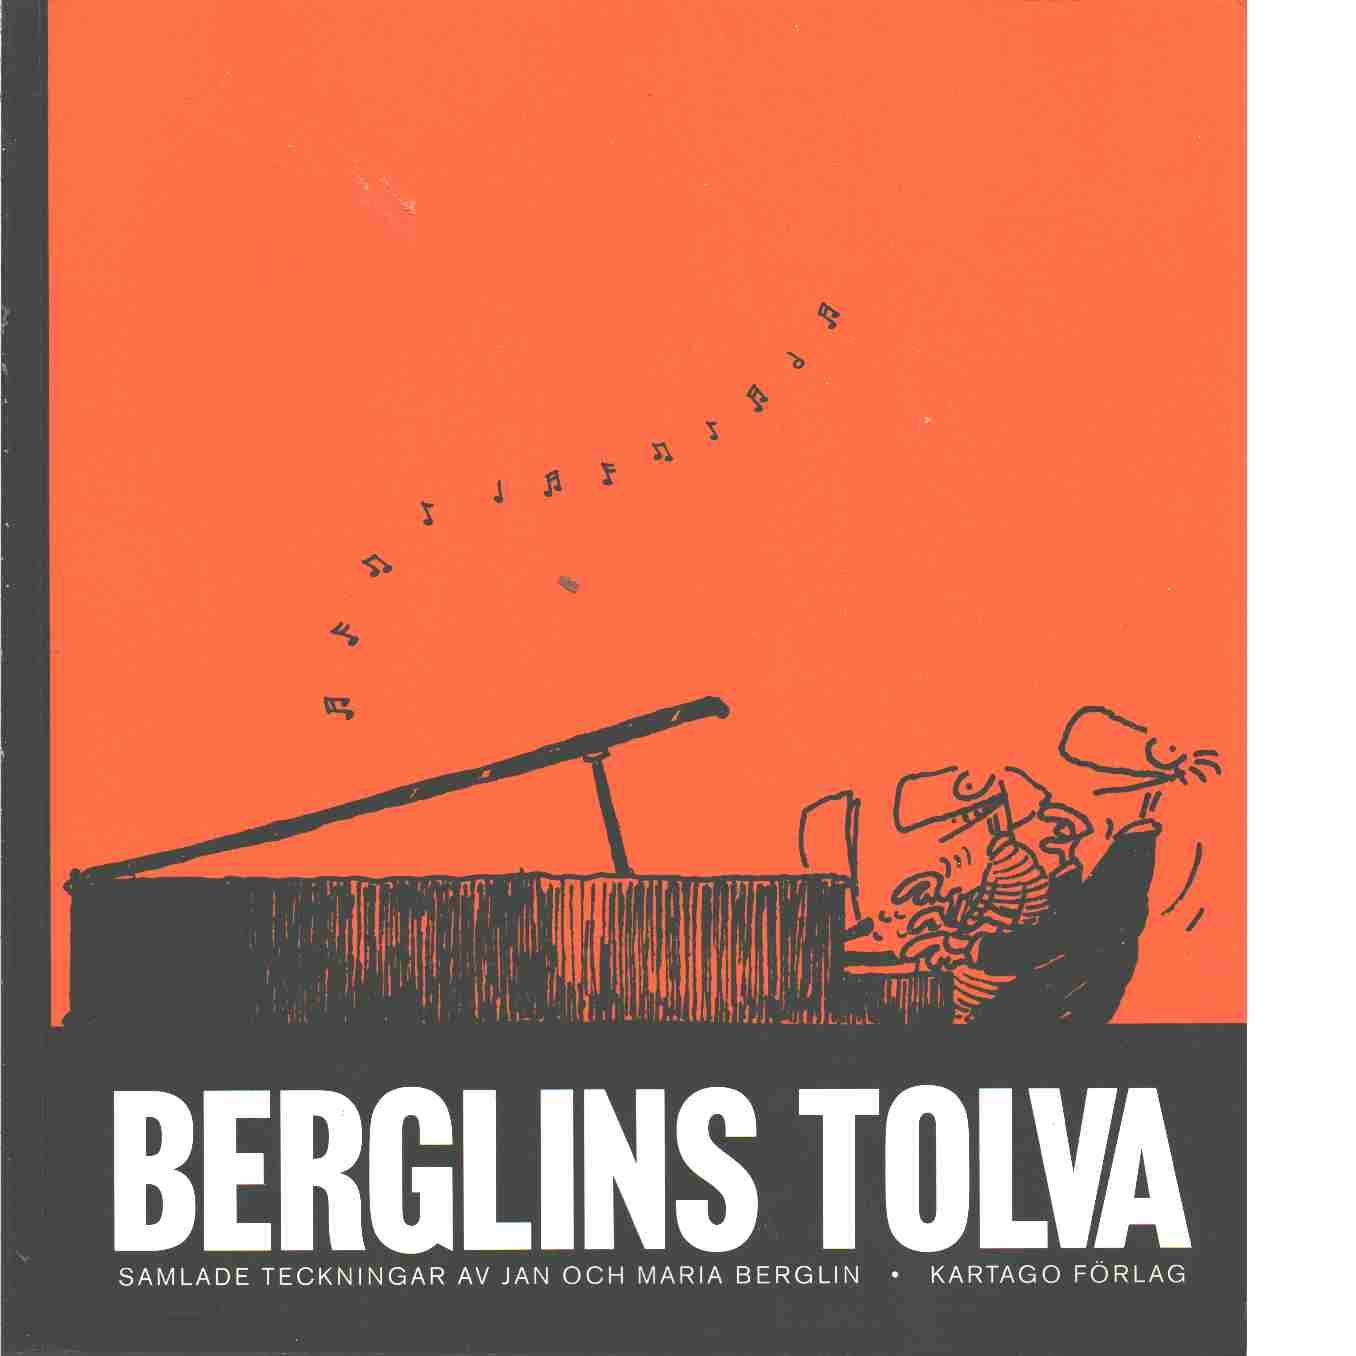 Berglins tolva : samlade teckningar -  Berglin, Jan och Berglin, Maria